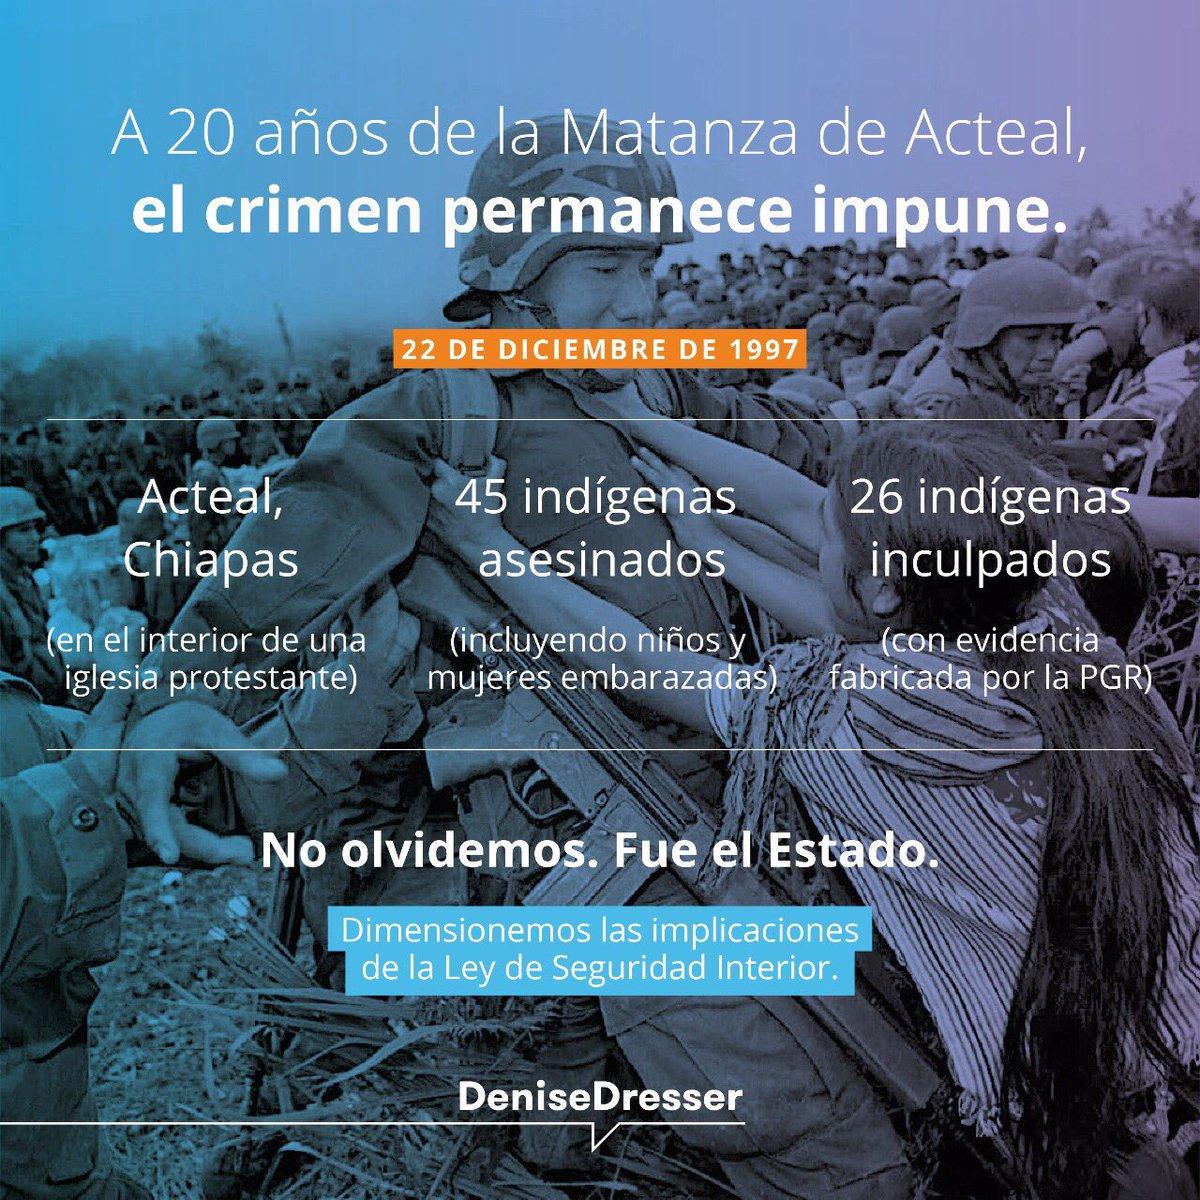 Las palabras sobran. #Acteal #LeydeSeguridadInterior